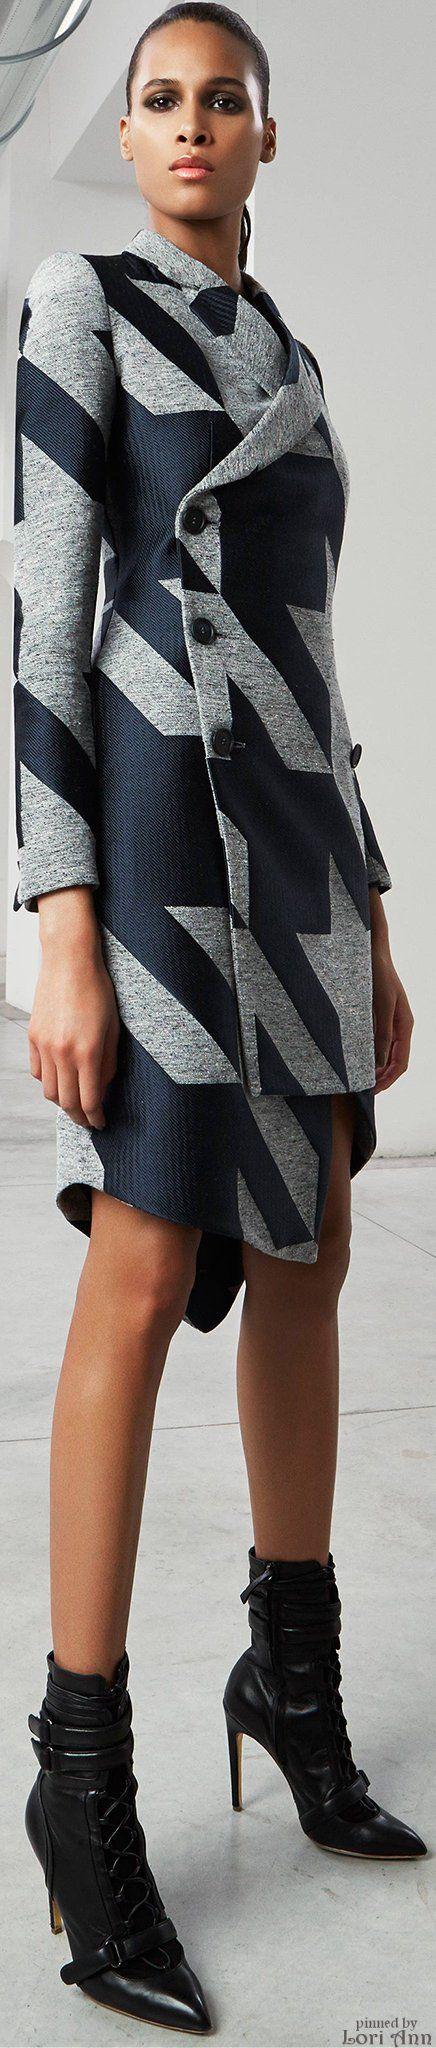 Antonio Berardi Pre-Fall 2015 | Trendy Women's Clothes,Wholesale Women's Clothes & Accessories